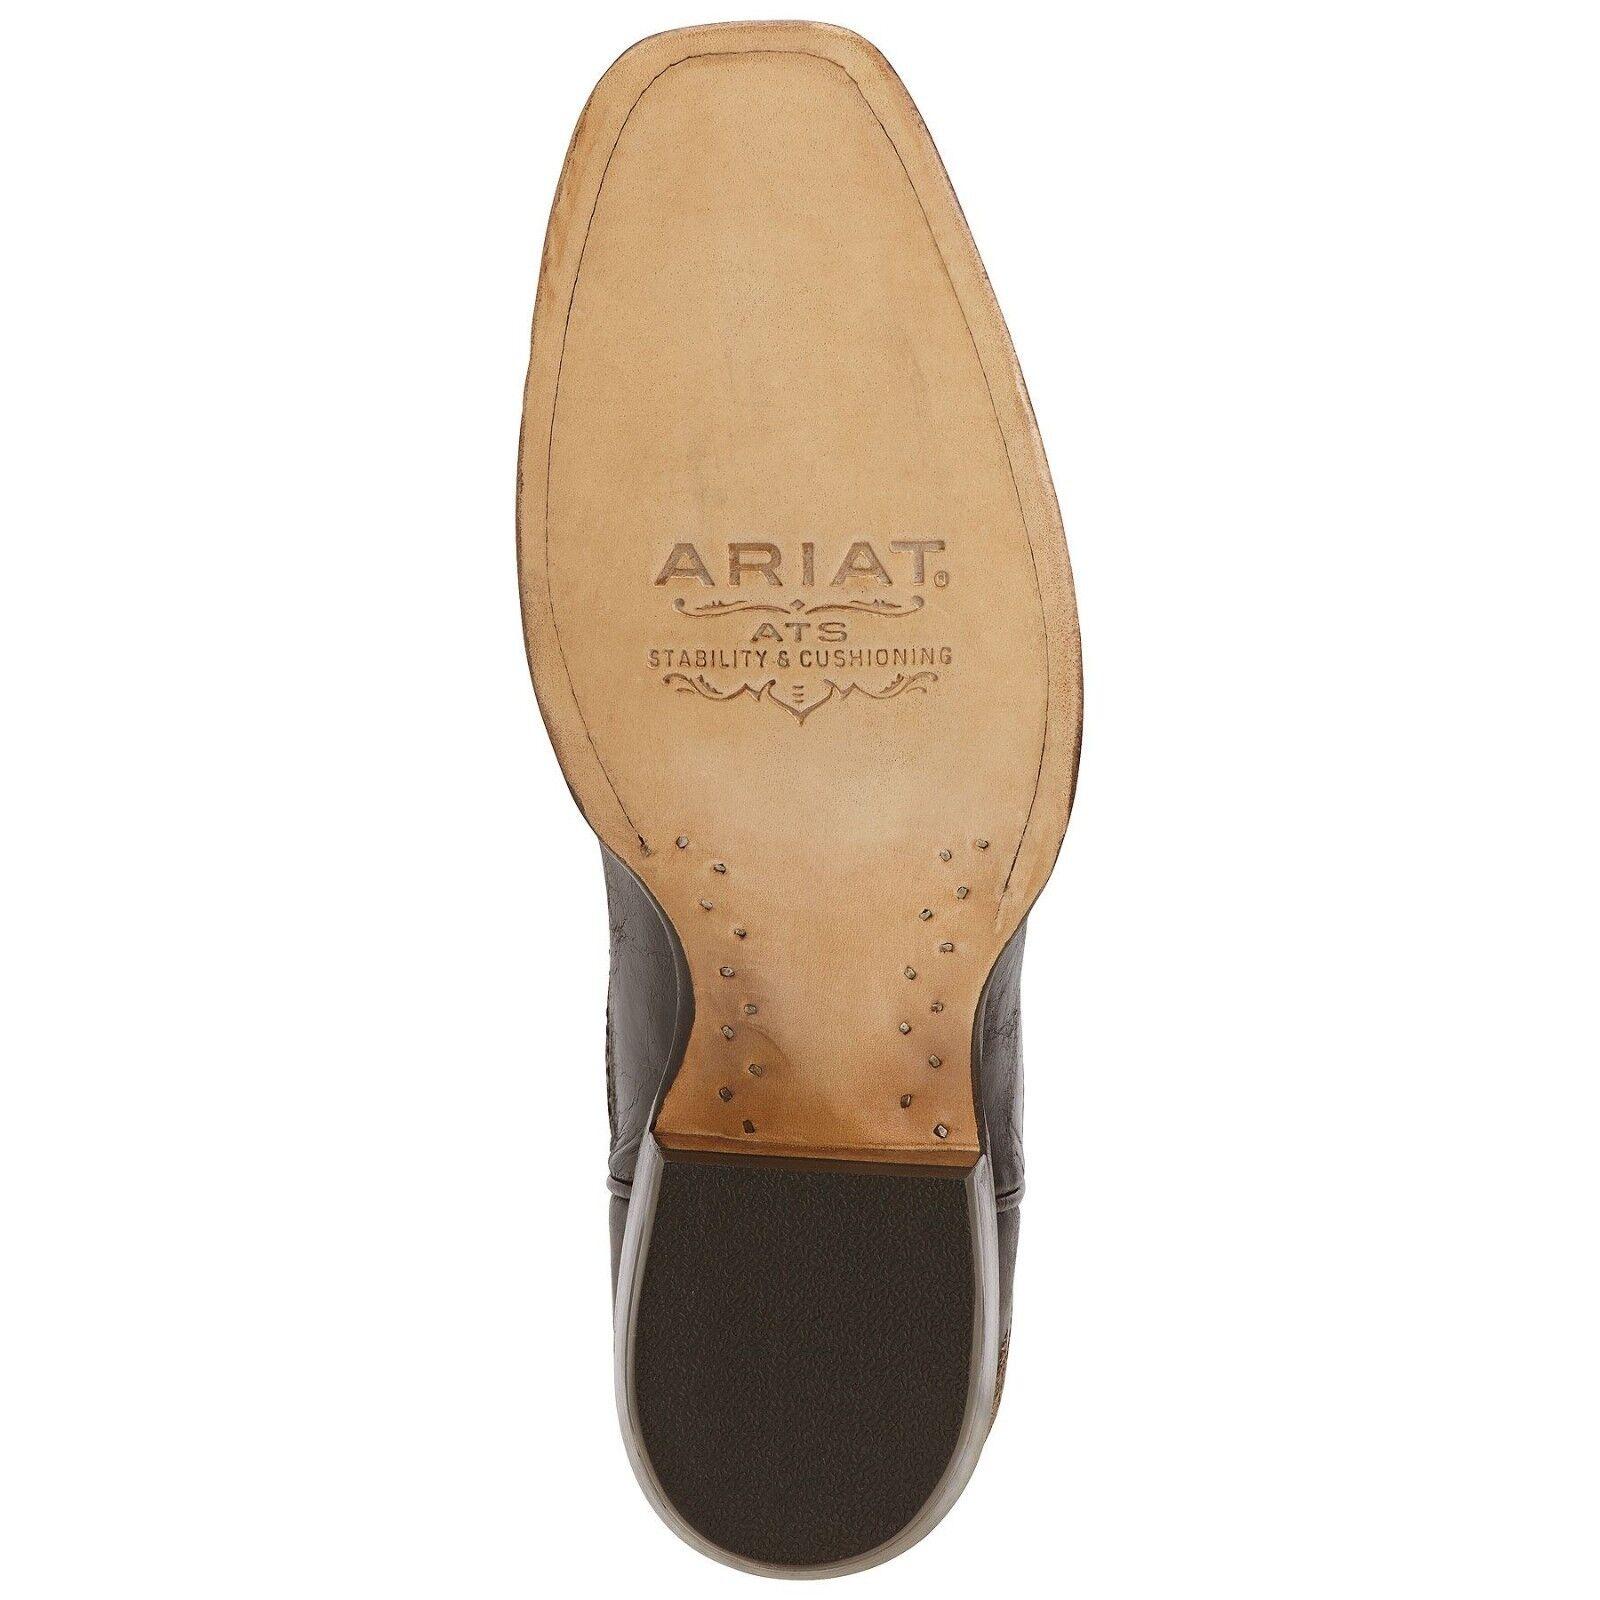 ARIAT Women's Women's Women's Catalina Antique Espresso Western Square Toe Boots 10012802 NIB fa7f40